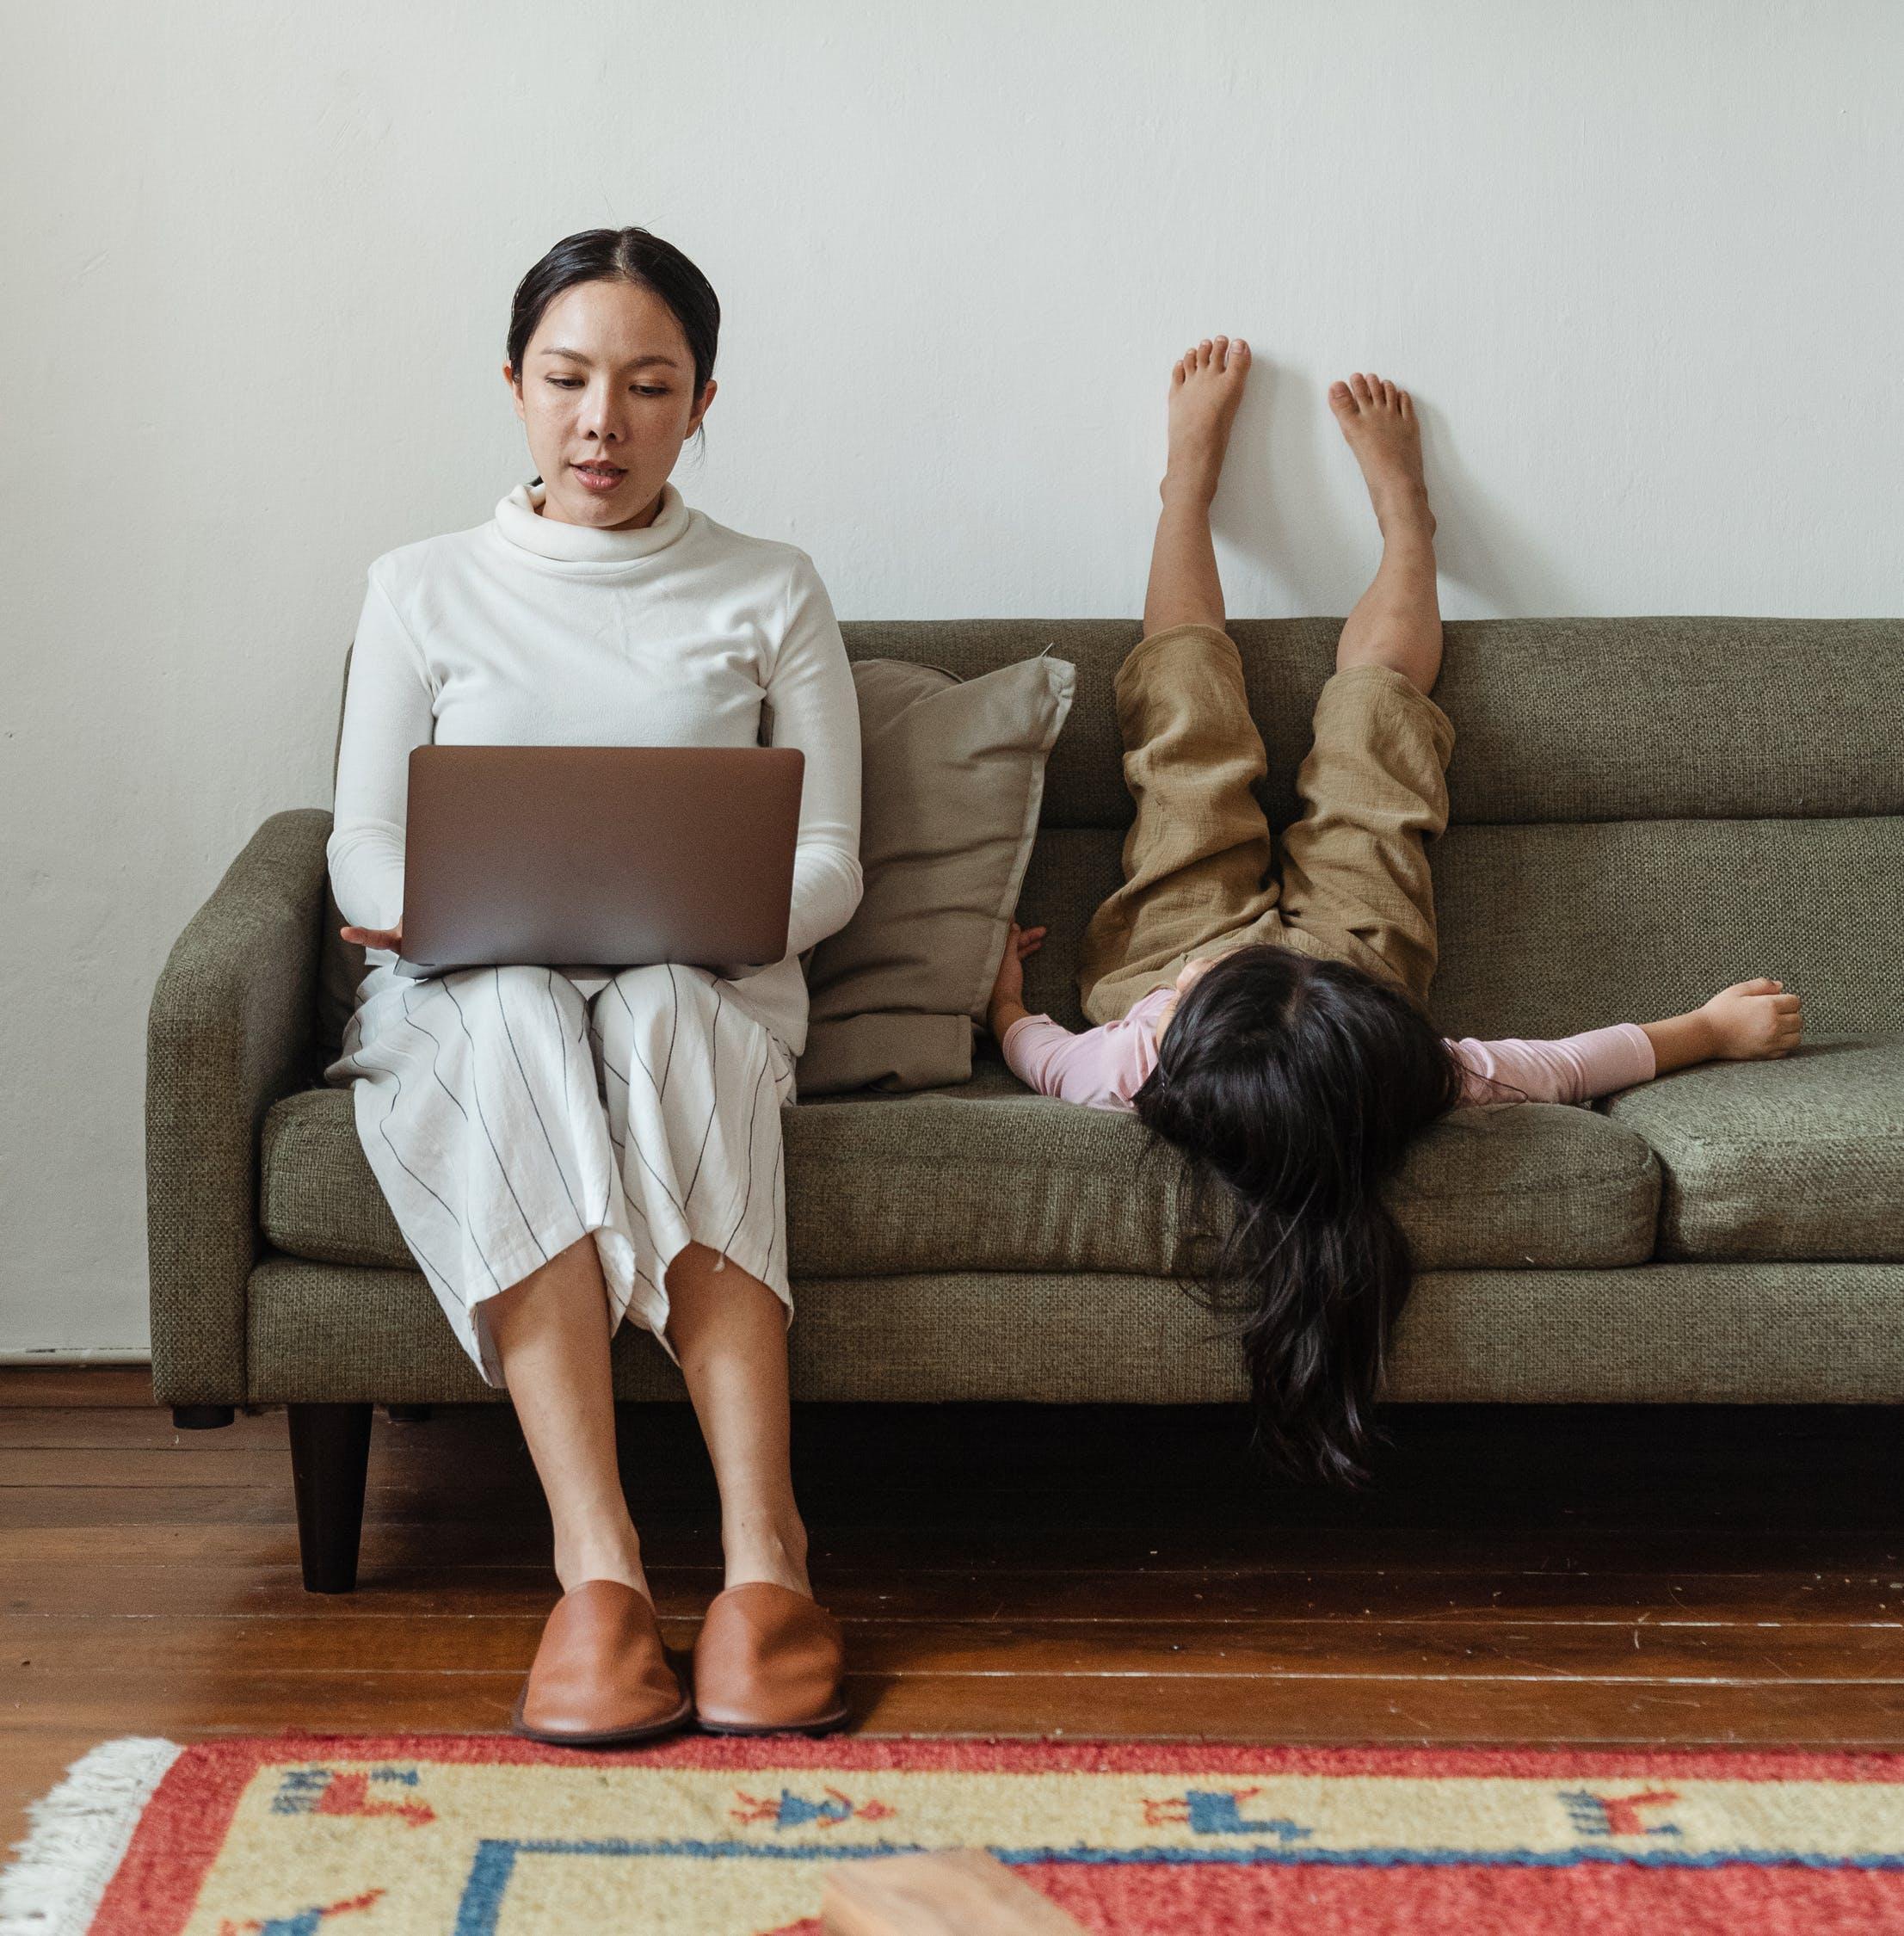 Декрет и карьерный рост: топ-5 профессий для мам, которые хотят больше времени проводить с ребёнком